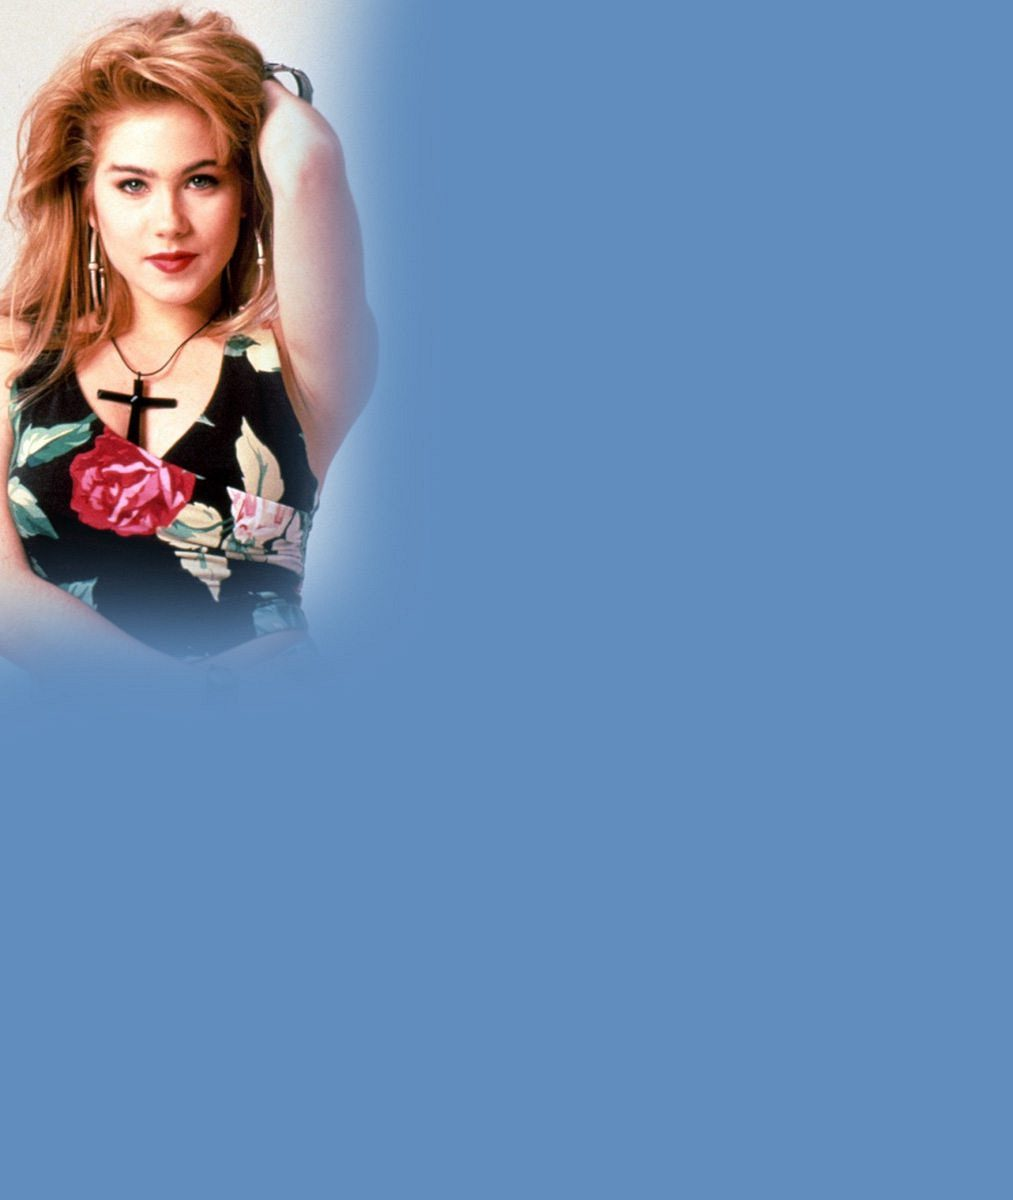 Melounek slaví 43let: 5sexy fotek seriálové hvězdy, která bojovala srakovinou prsu